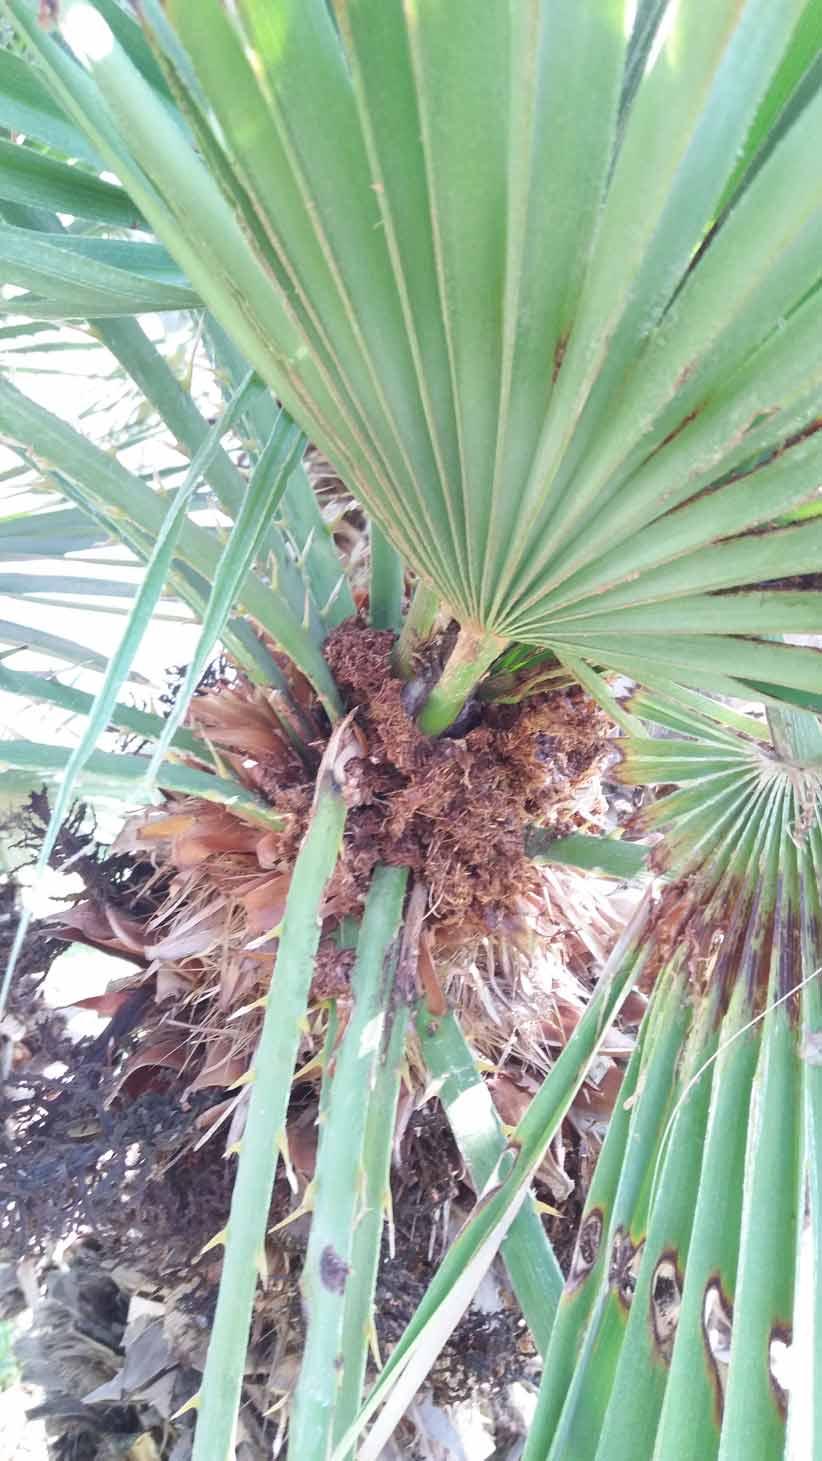 Symptômes-palmier-trachicarpus-attaque-du-coeur-du-palmier-8-1